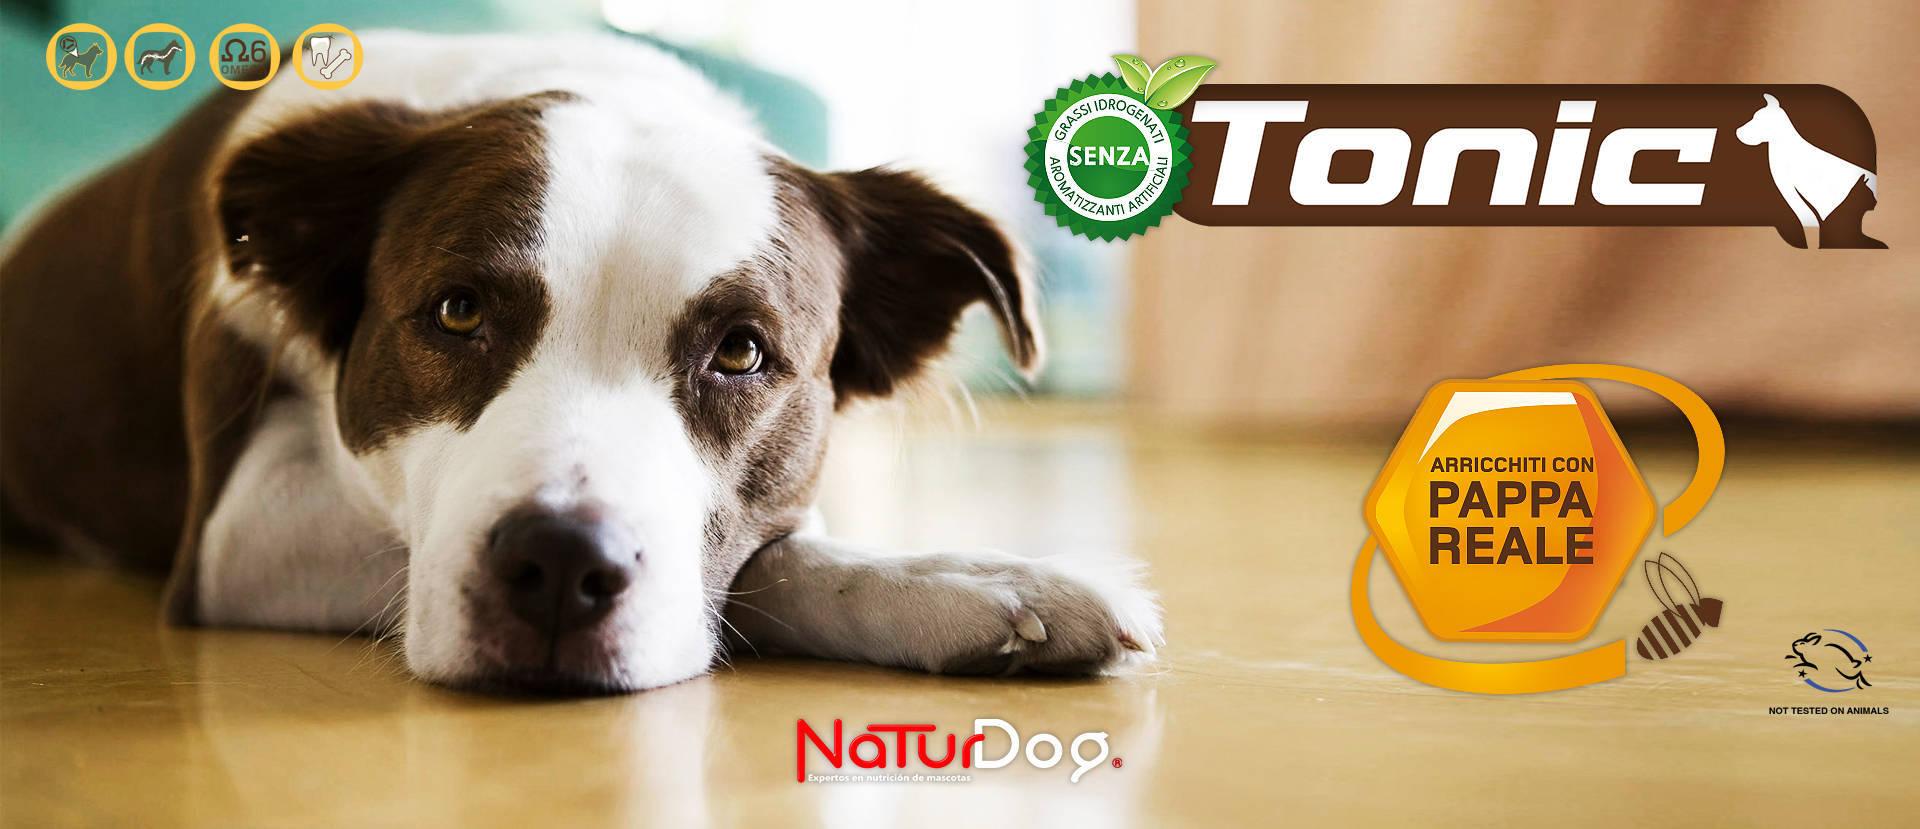 Tonic dog